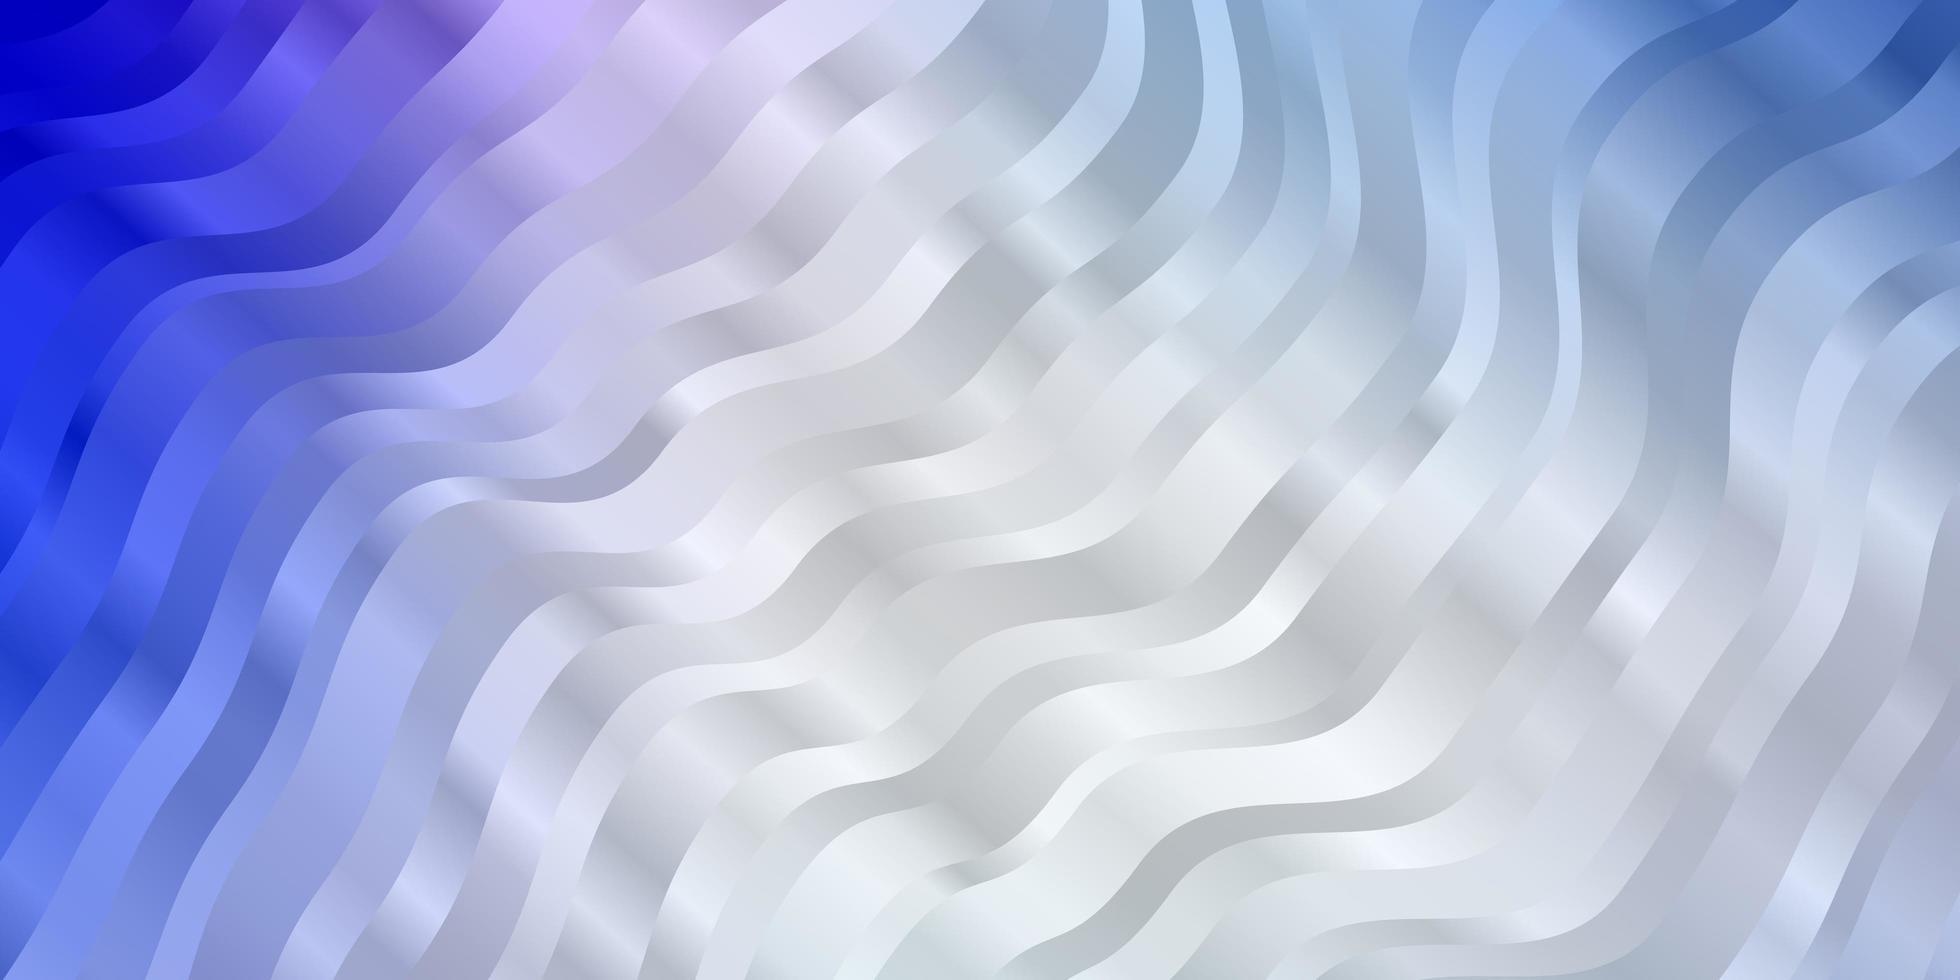 lichtroze, blauwe vectorachtergrond met golvende lijnen. vector